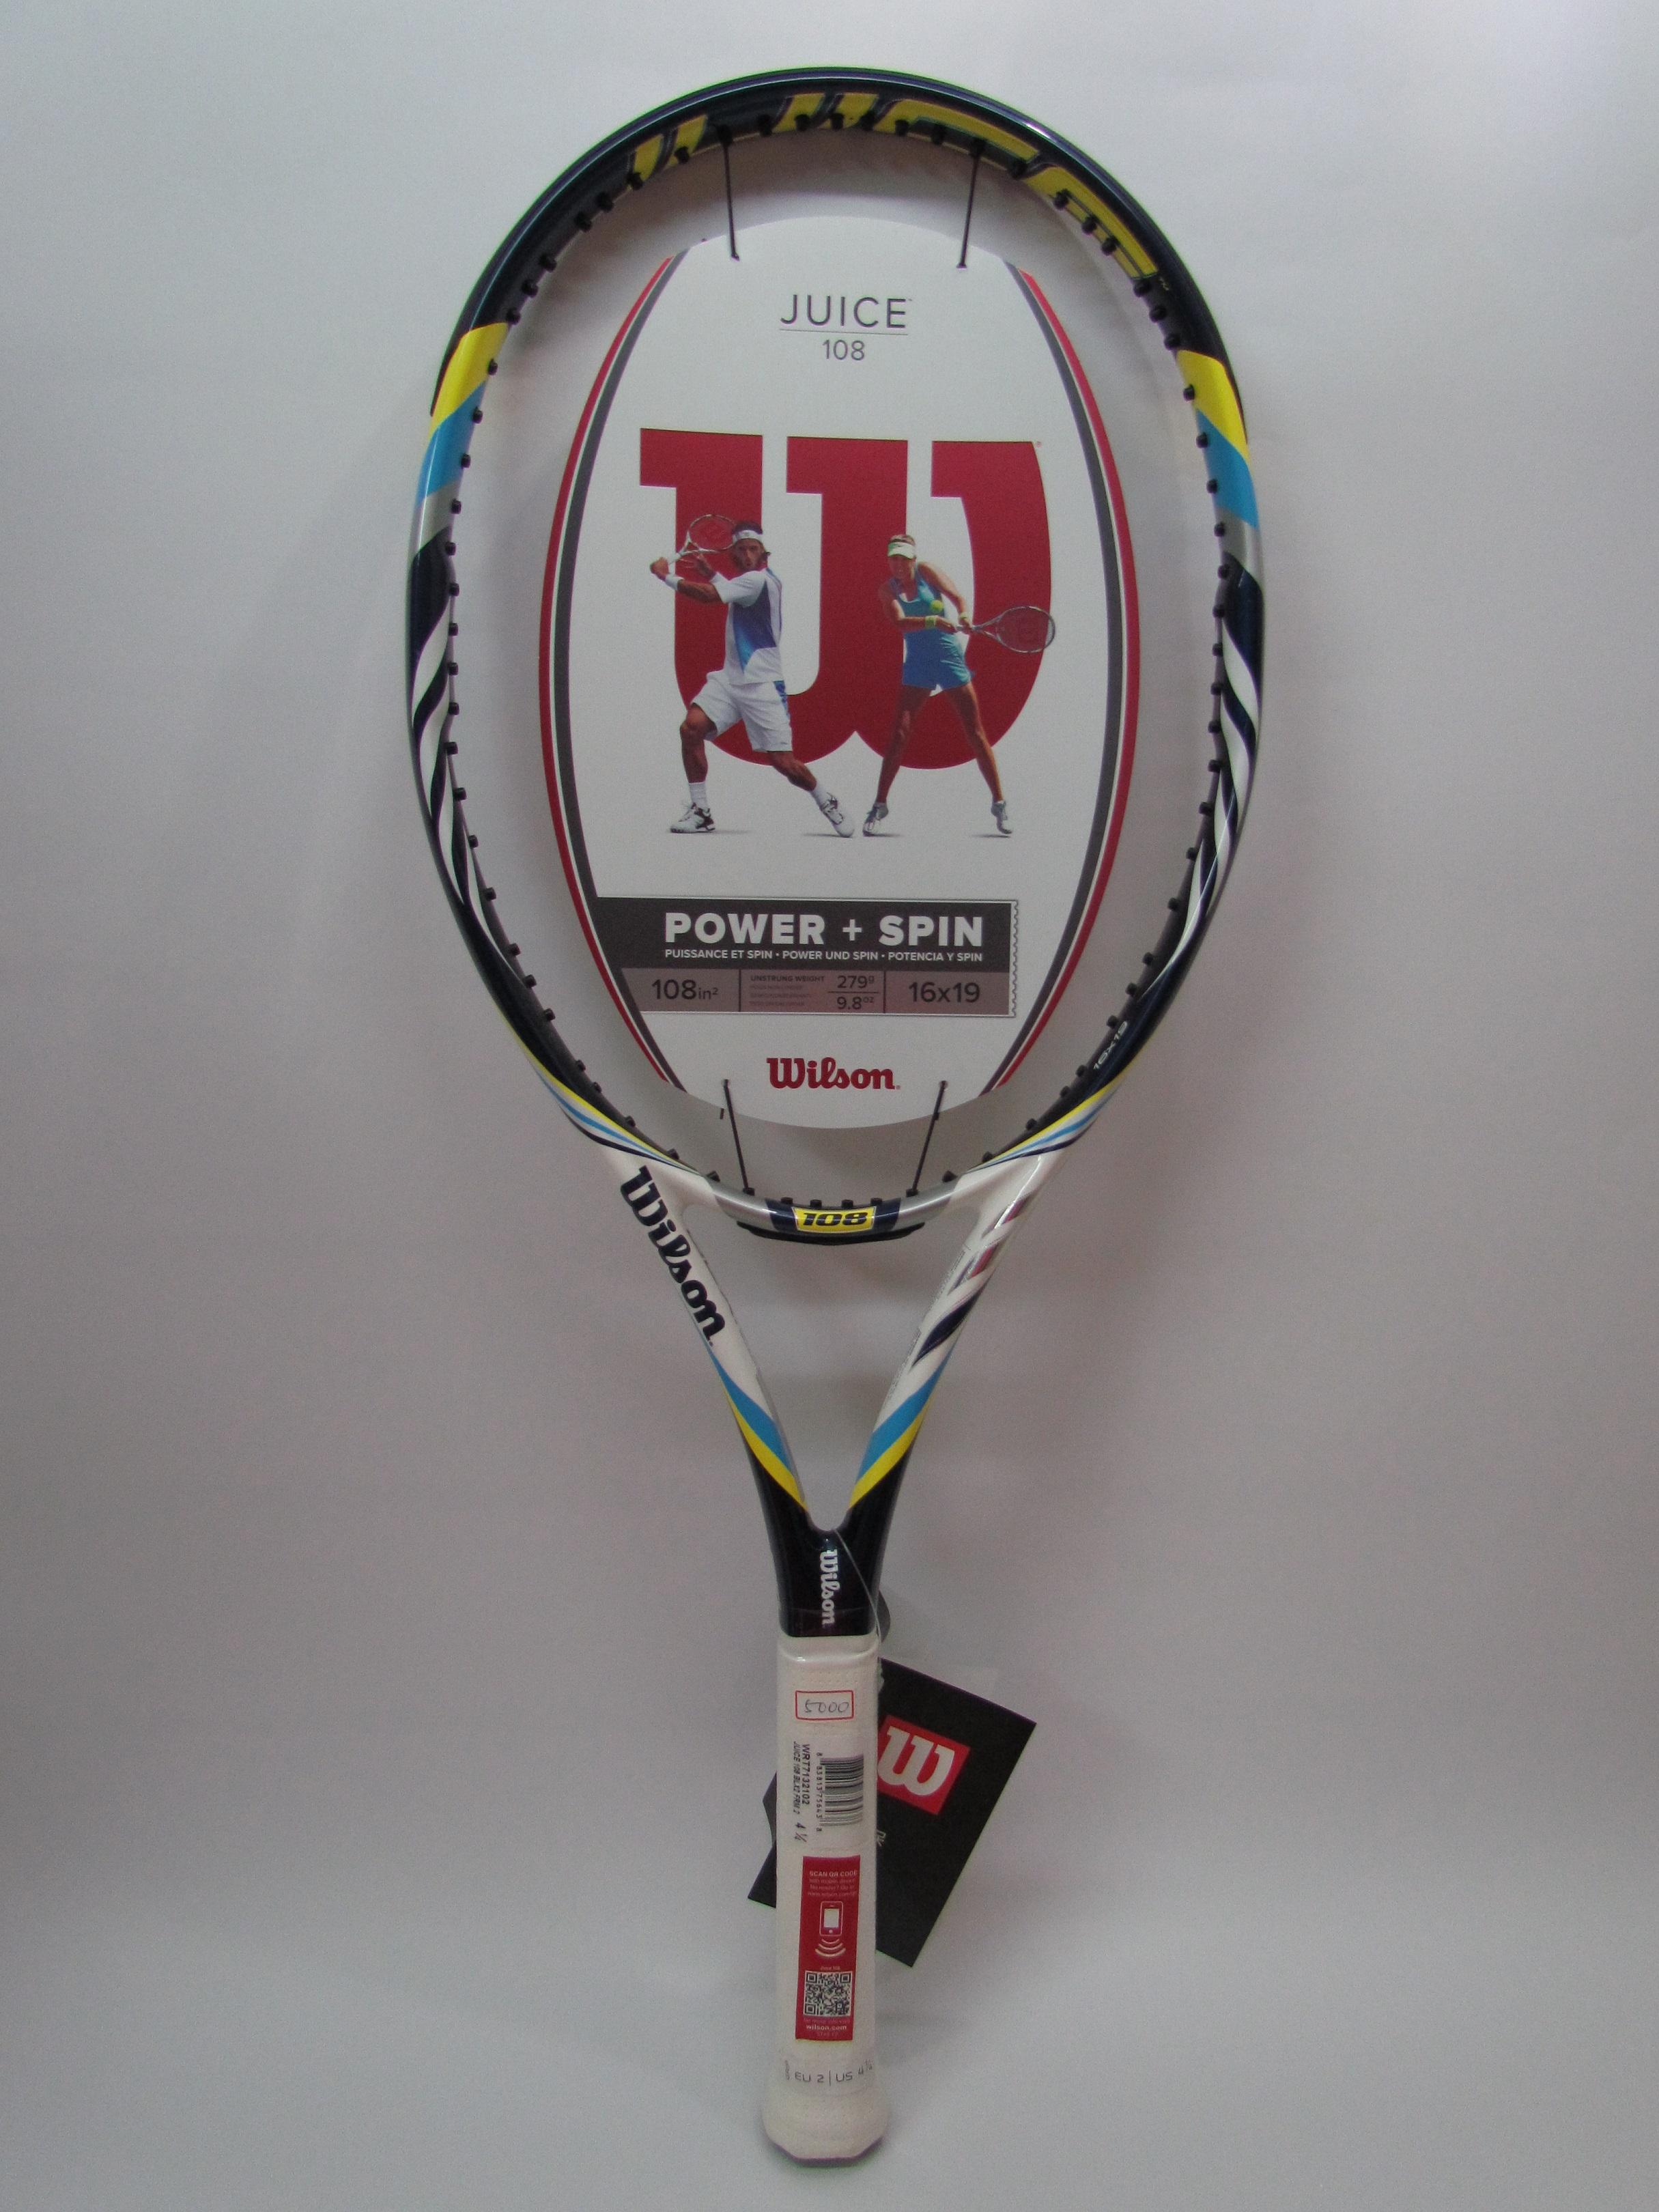 Wilson專業網球拍 Azarenka款 Juice 108